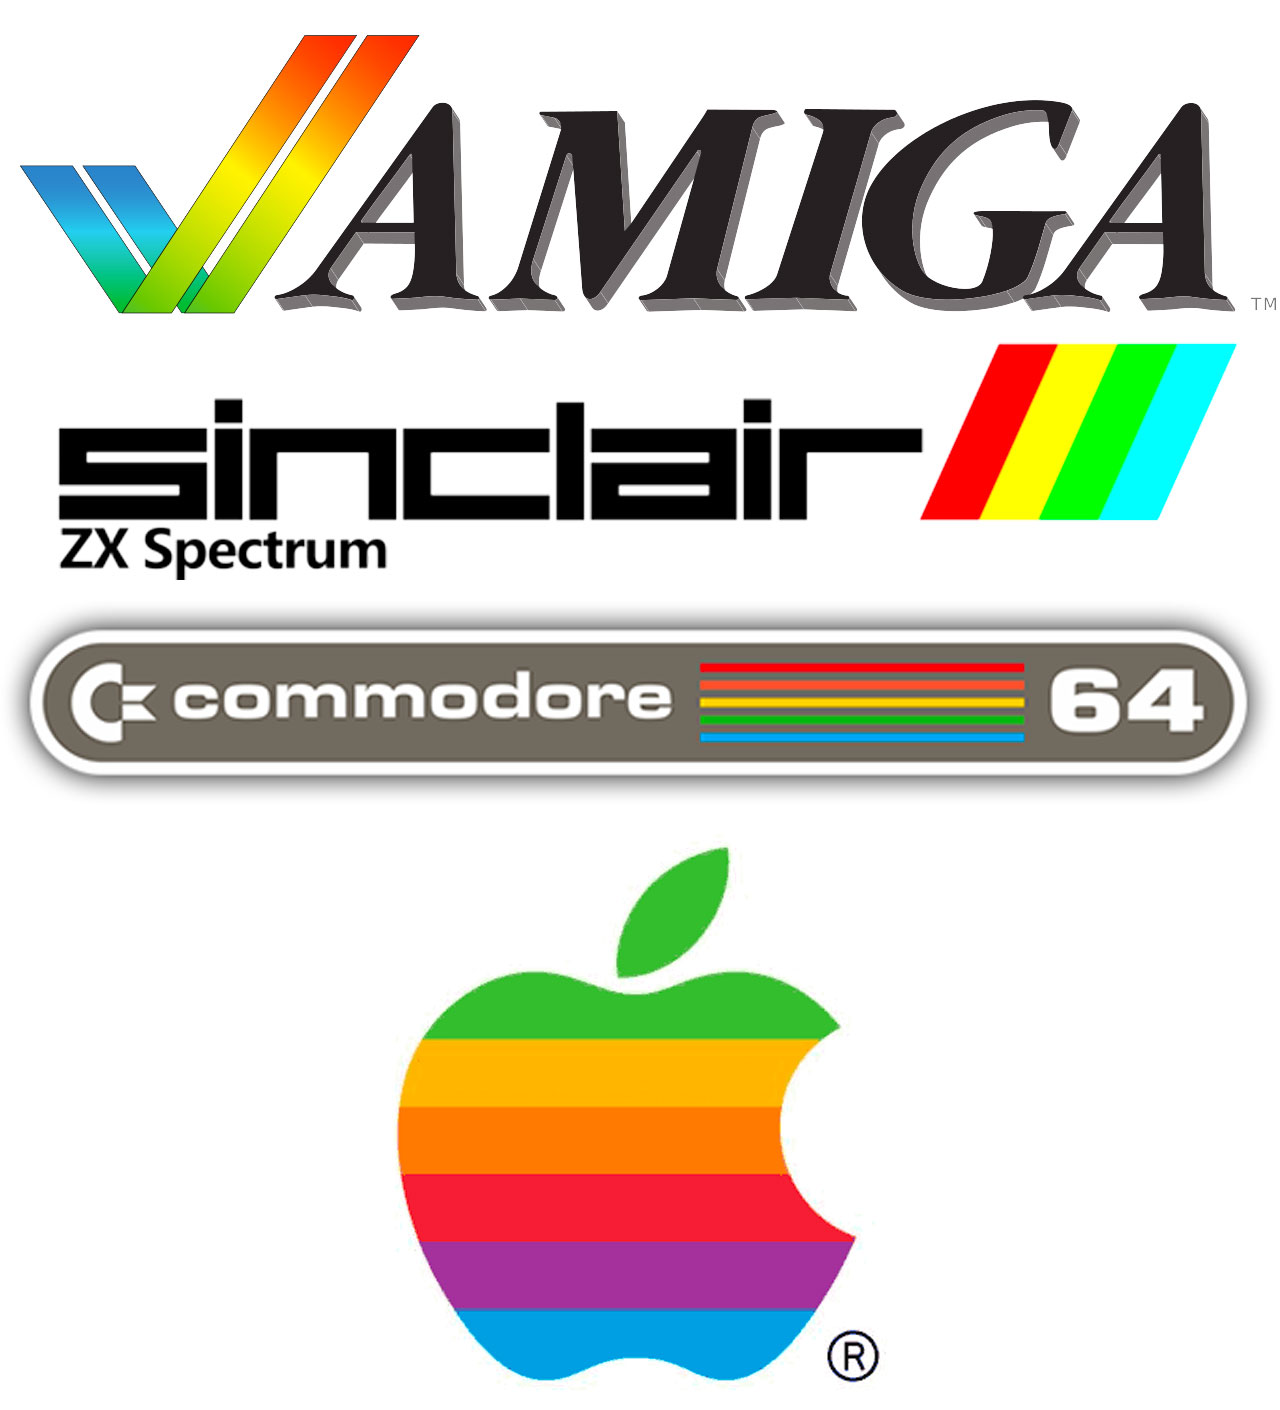 Logos de compañías informáticas de los añosa 70, 80 y 90 con los colores del arcoíris